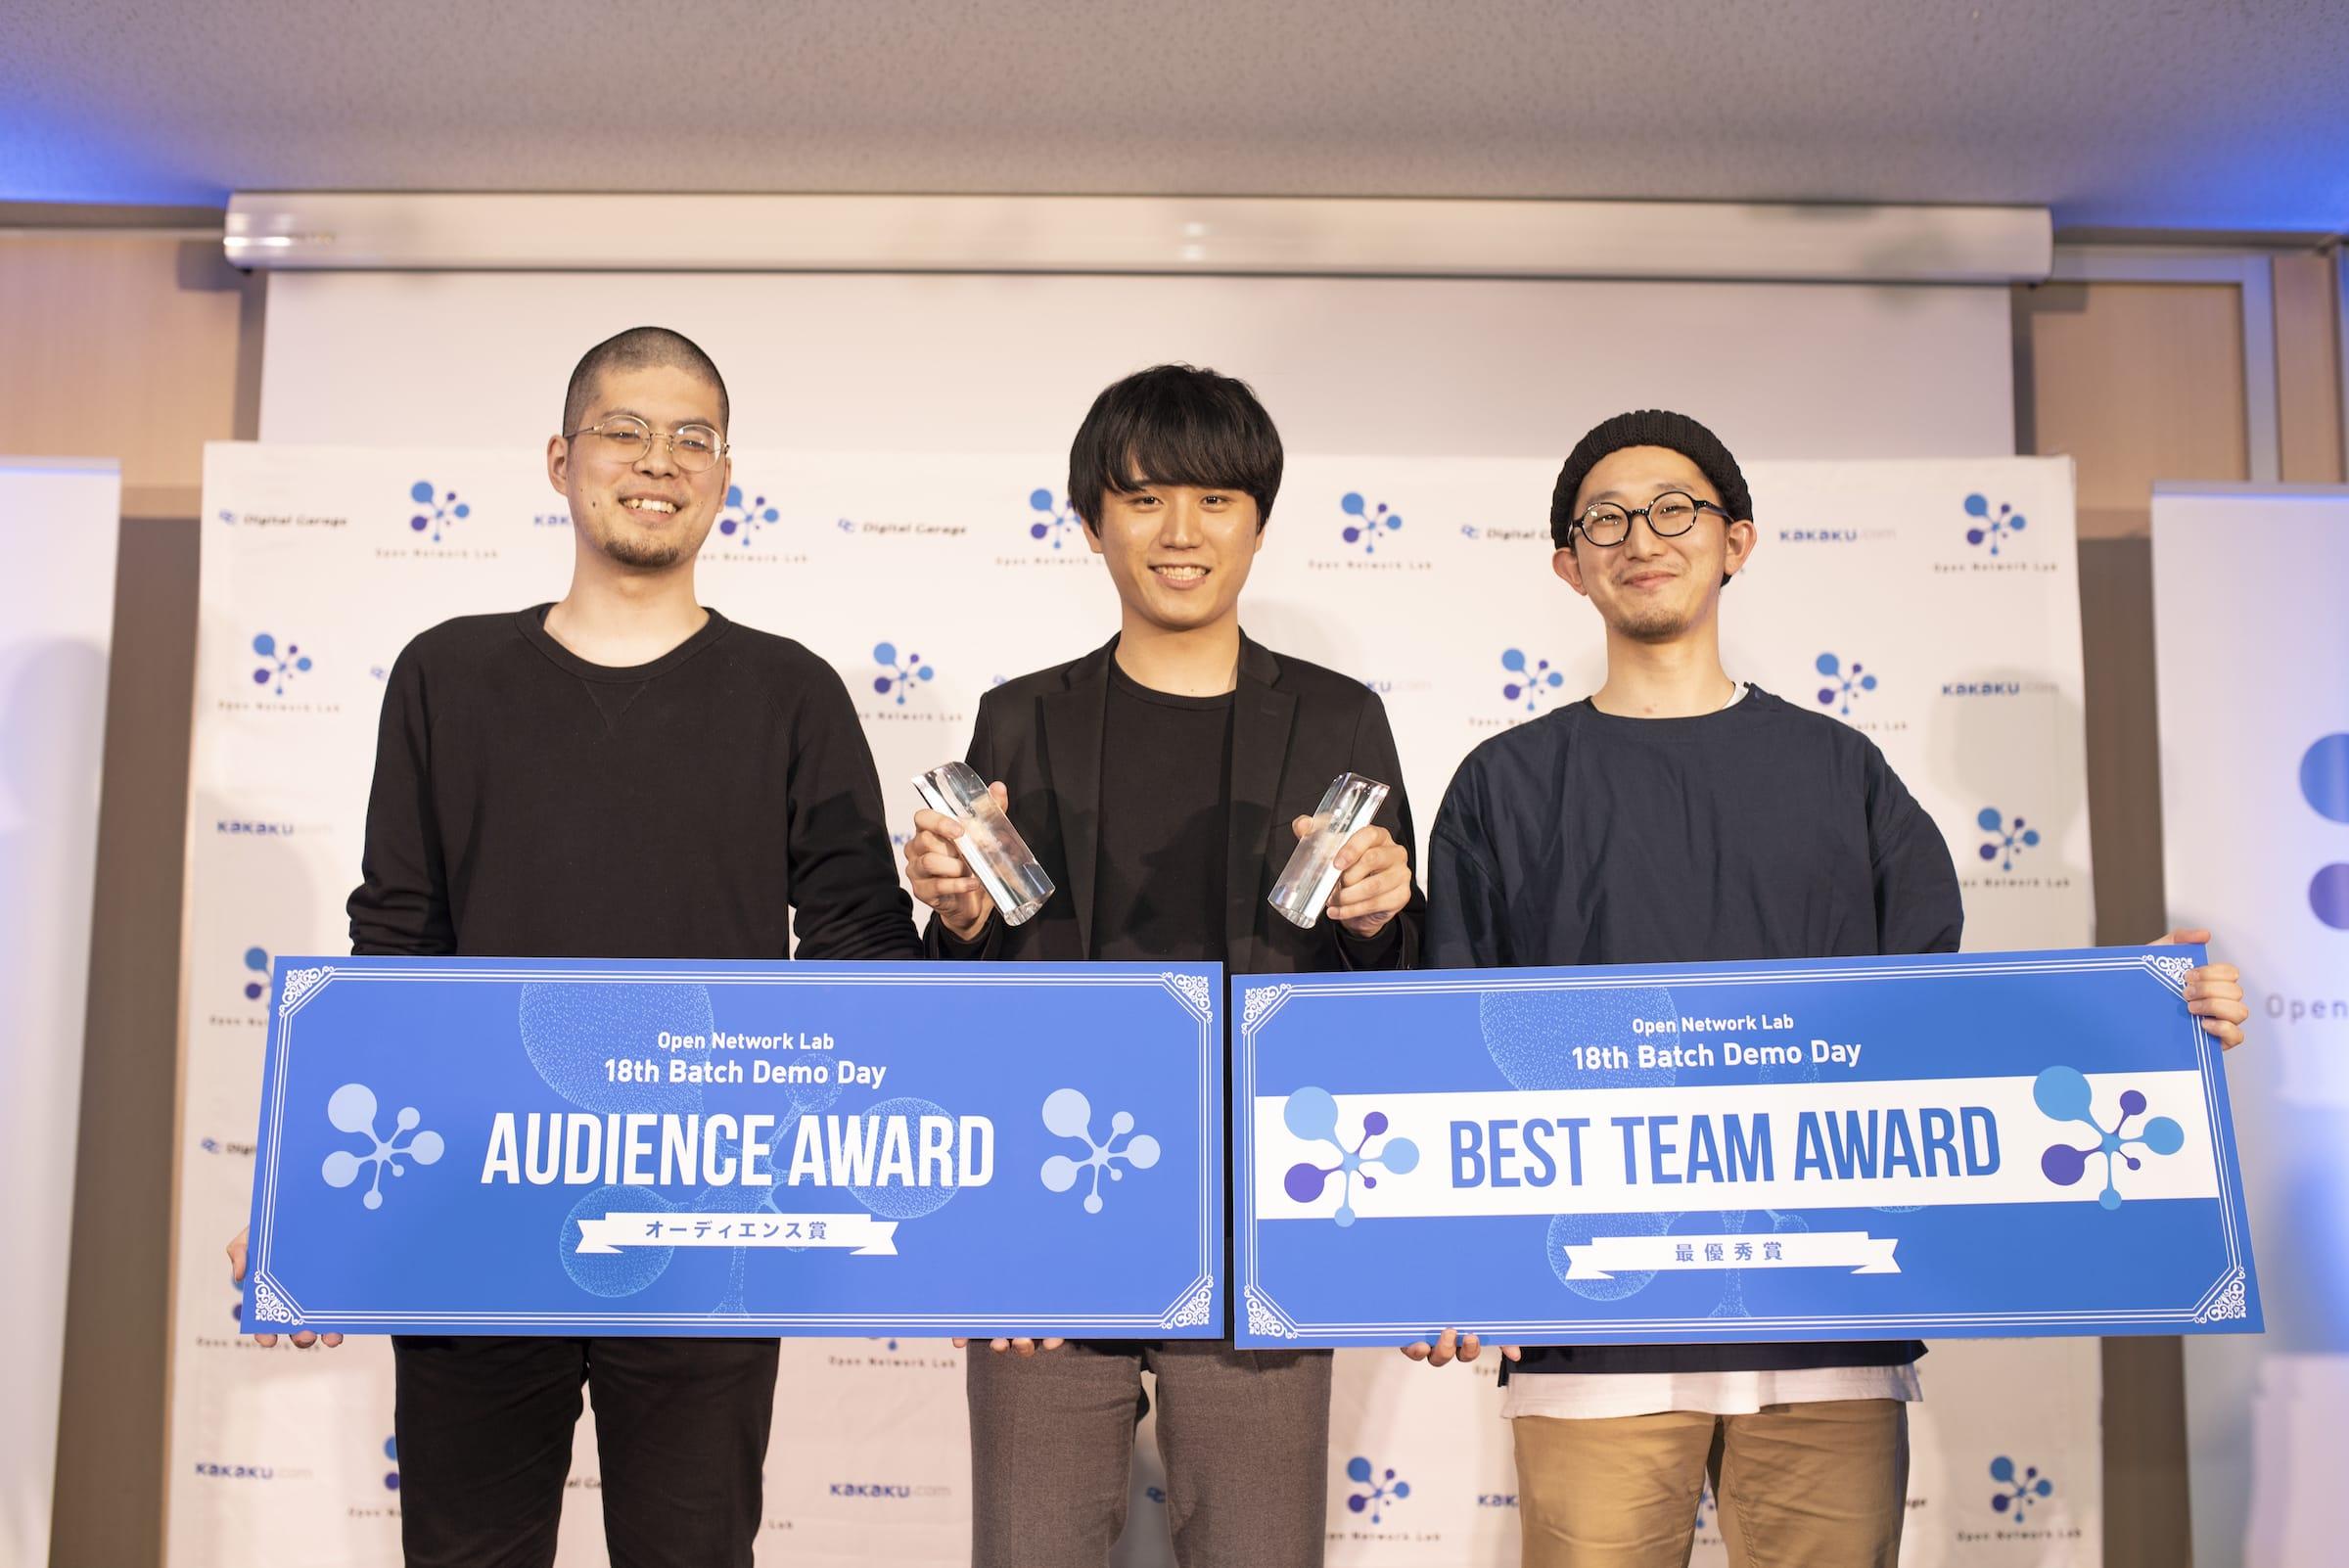 「オーディエンス賞」と「ベストチーム賞」は塩原優太氏の『e-相続』(株式会社マーク・オン)がダブル受賞